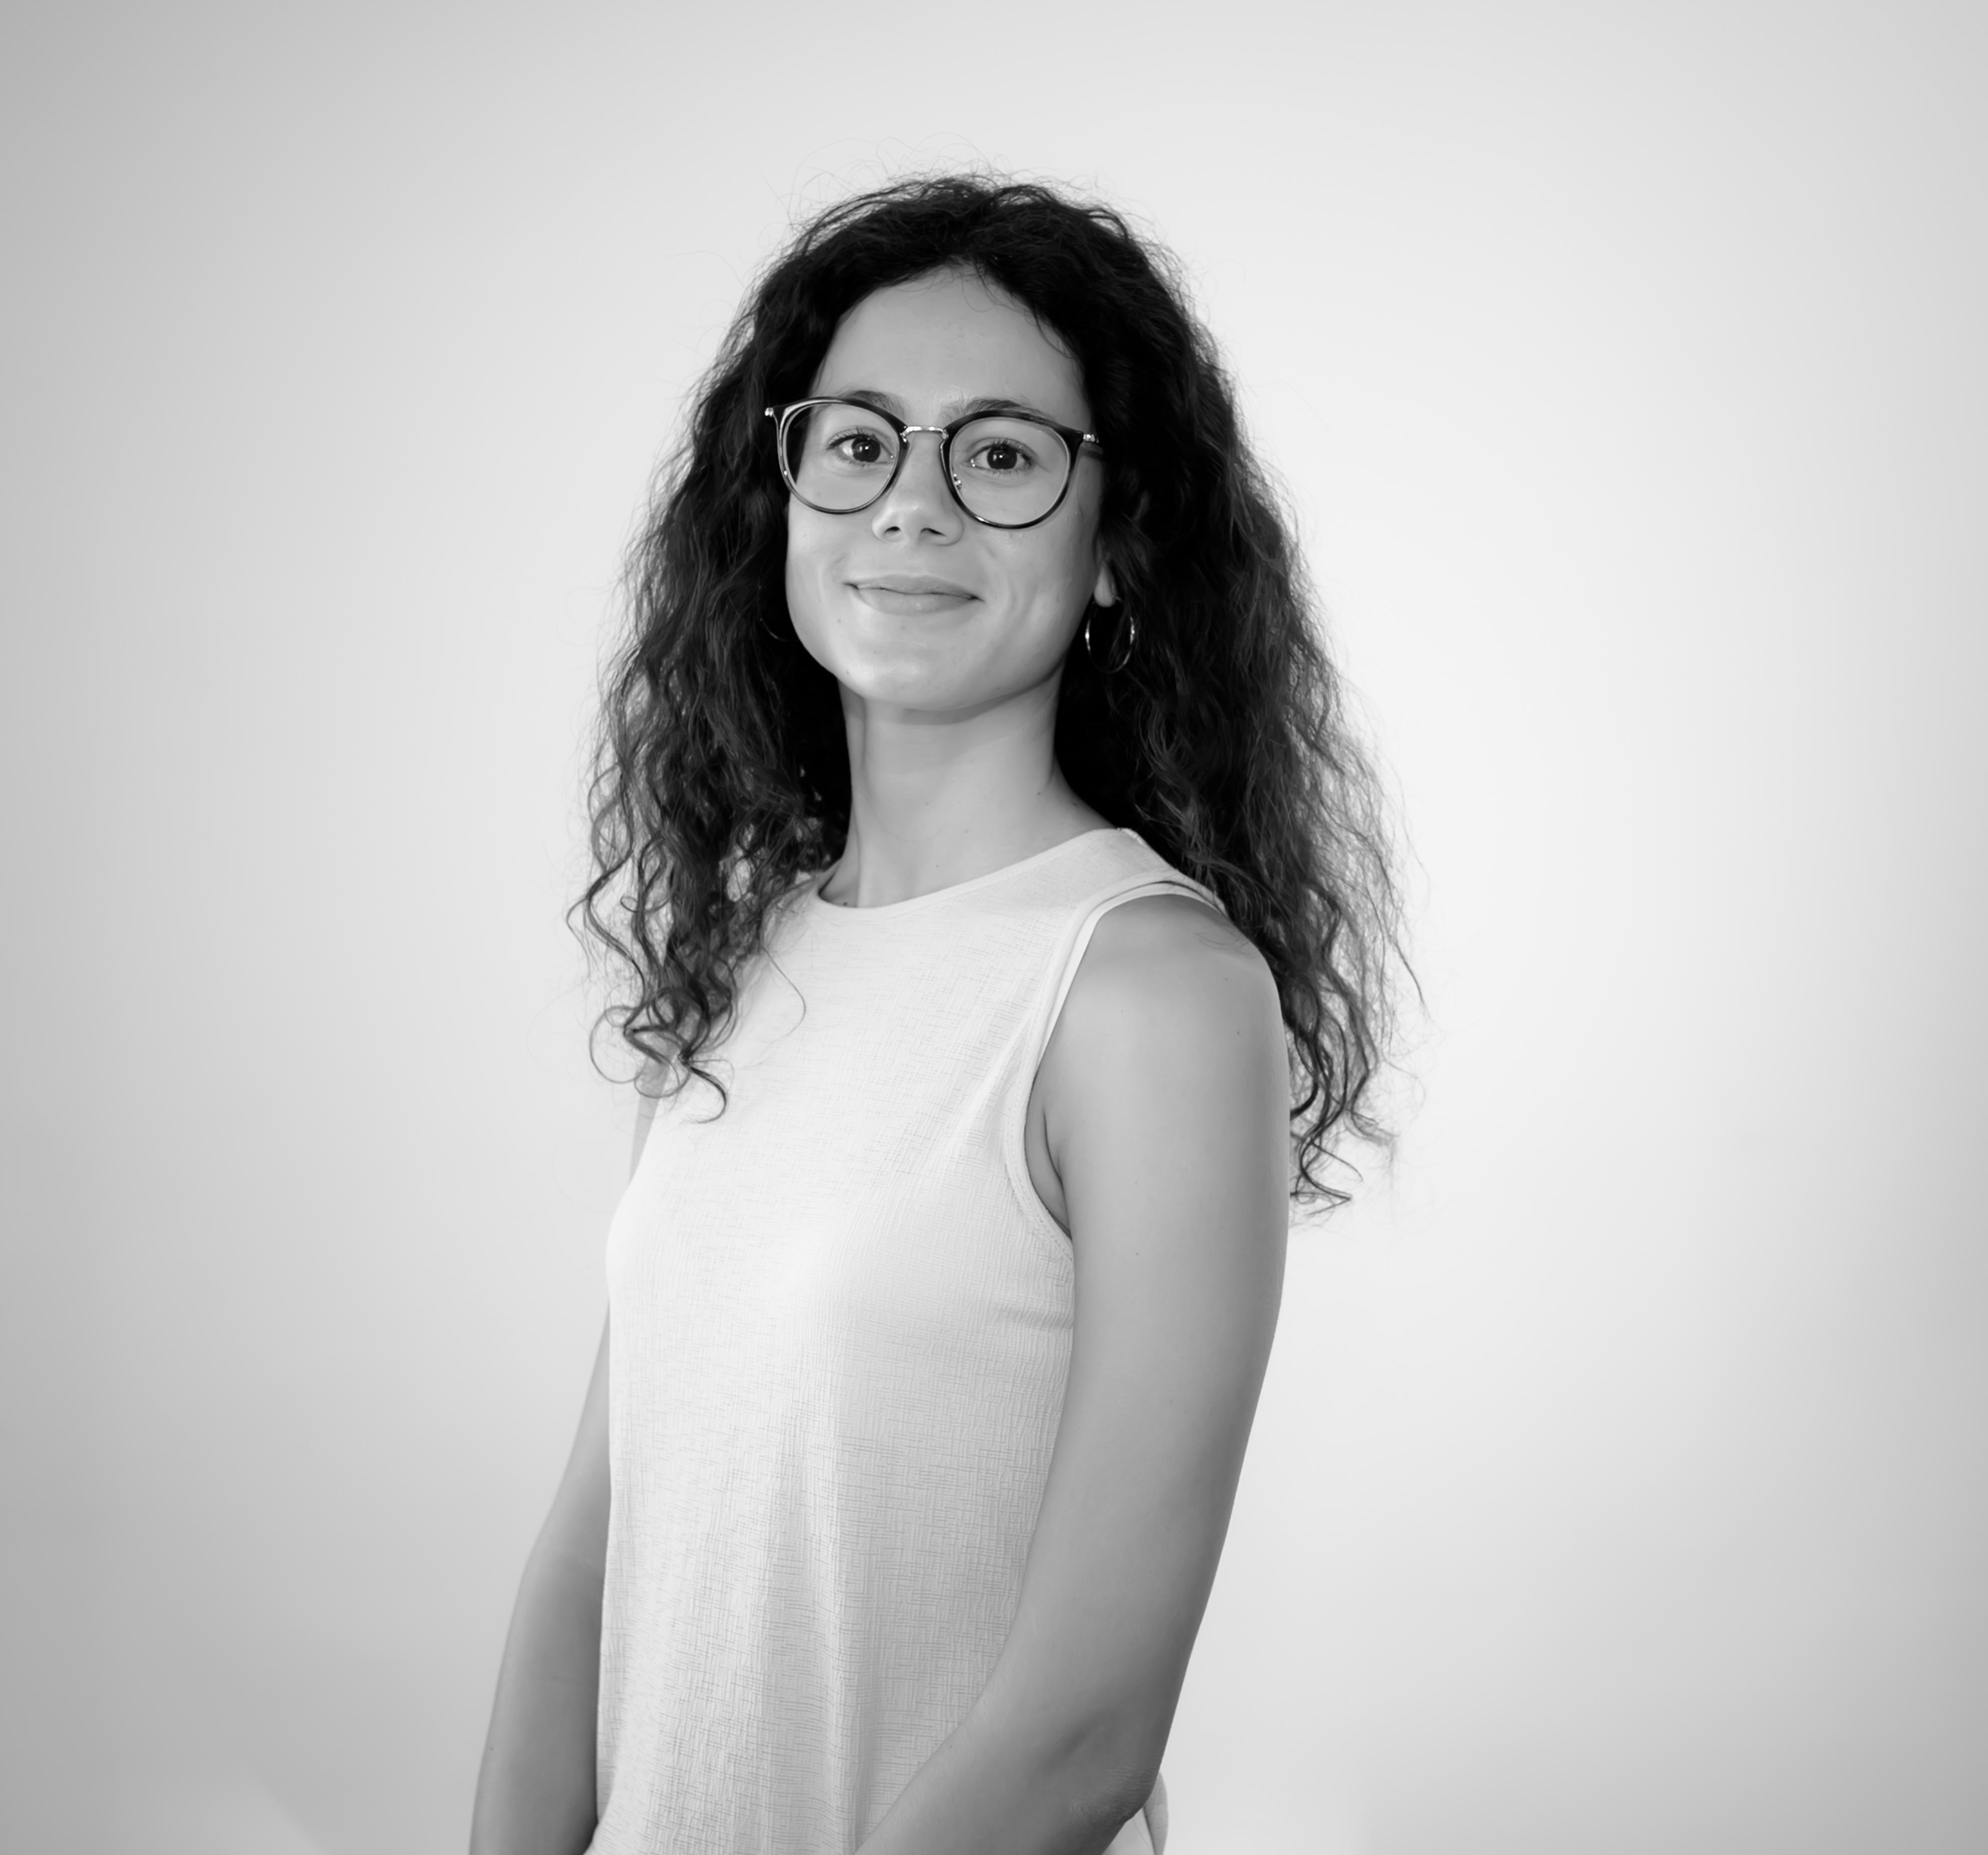 Carla Escudero